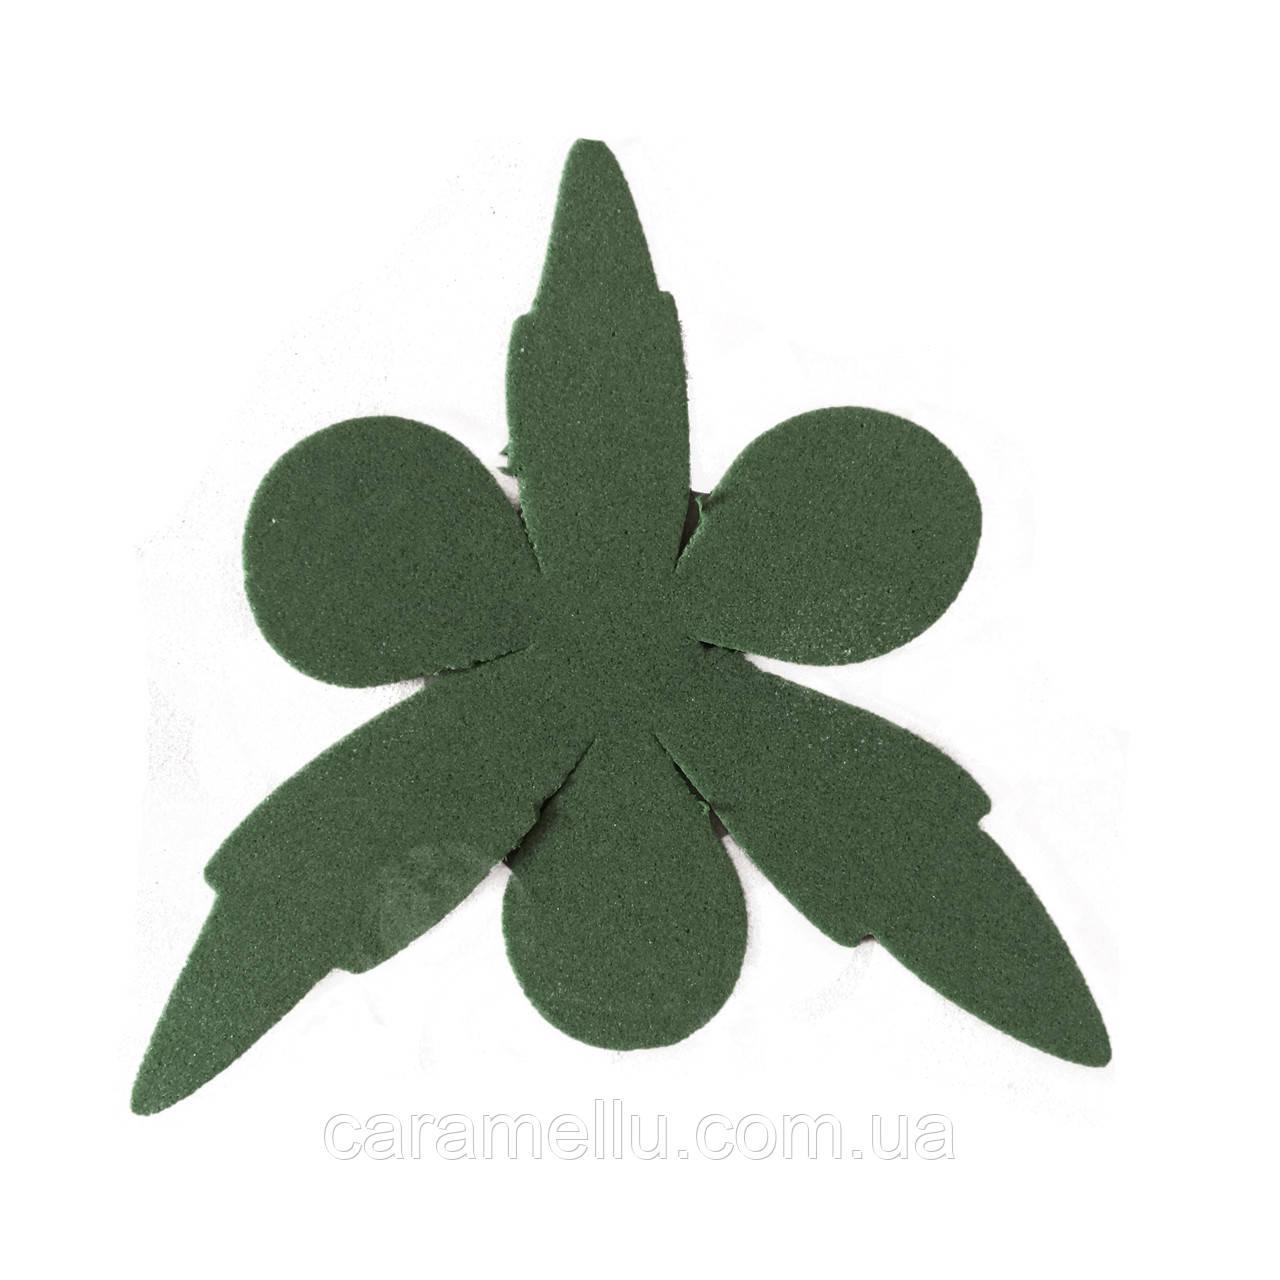 Чашелистик Пиона 8см 5шт, Темно-темно зеленый 182